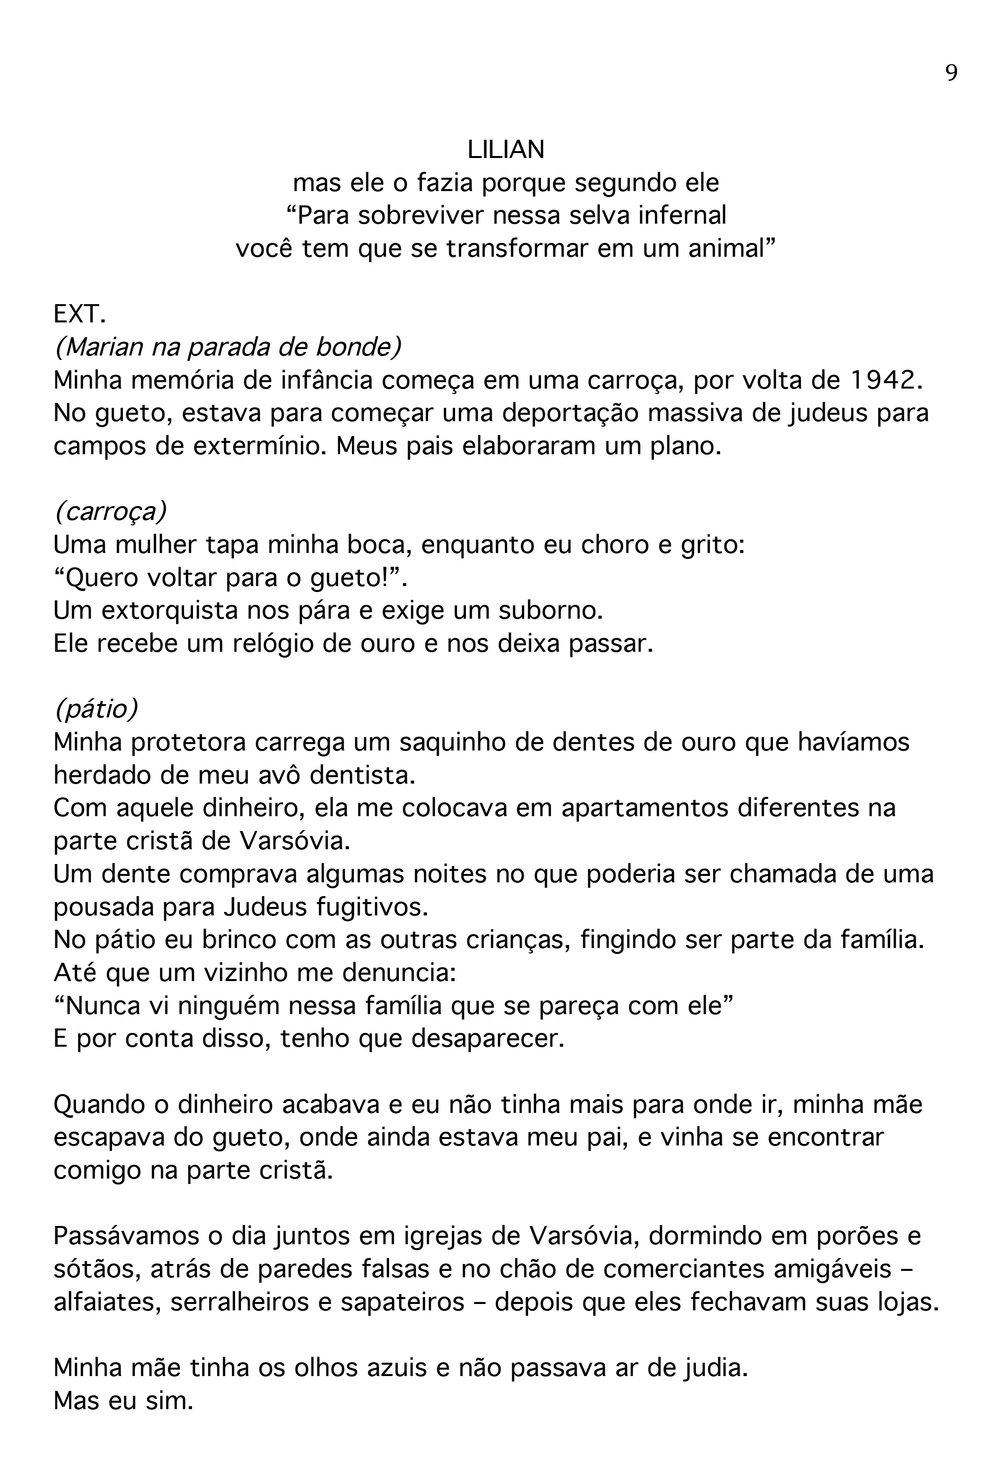 PORTUGUESE-SCRIPT-9.jpg